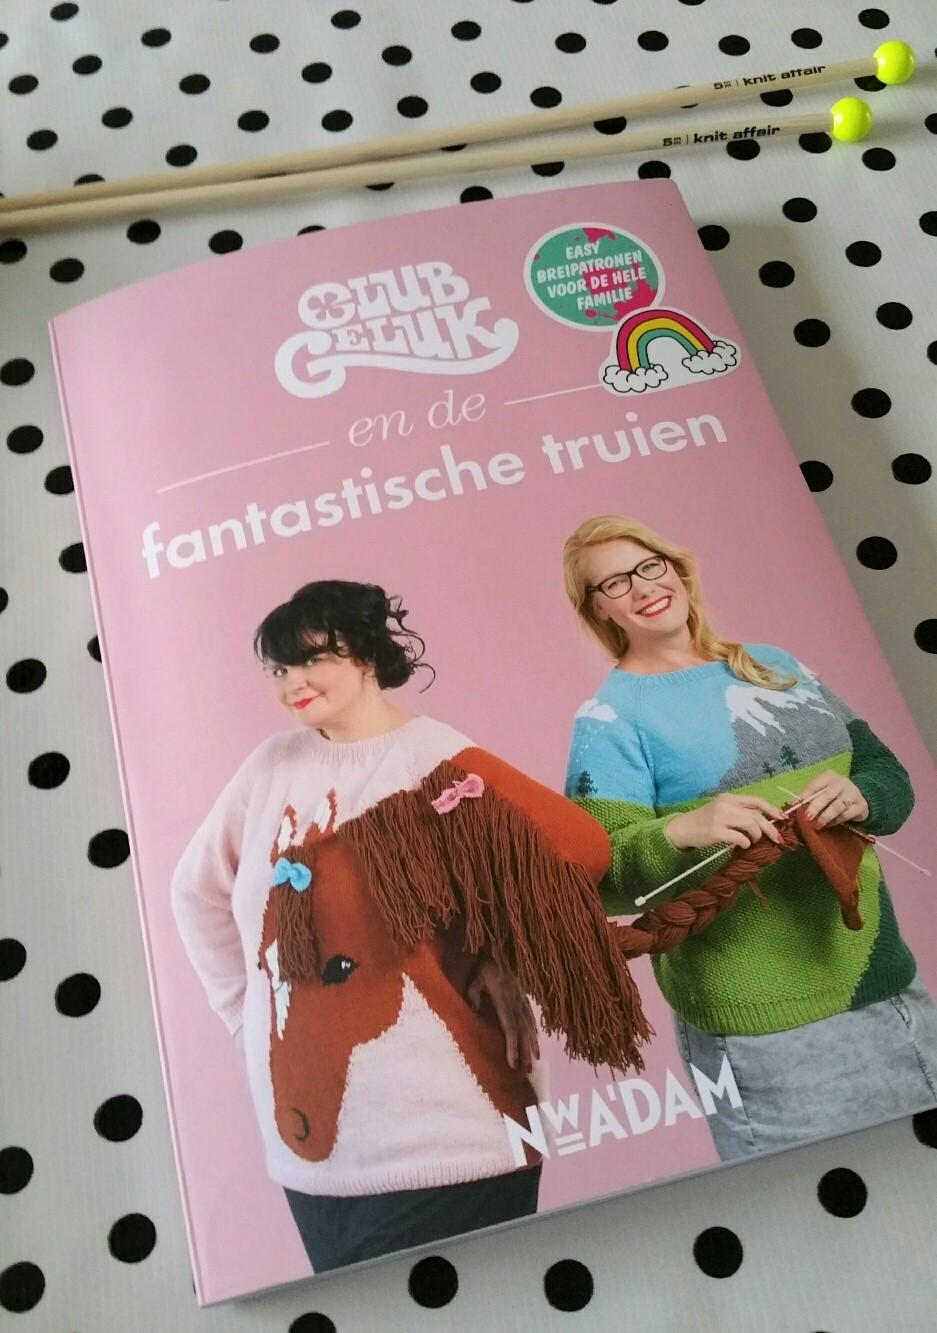 Winnaars van het fantastische truienboek..!